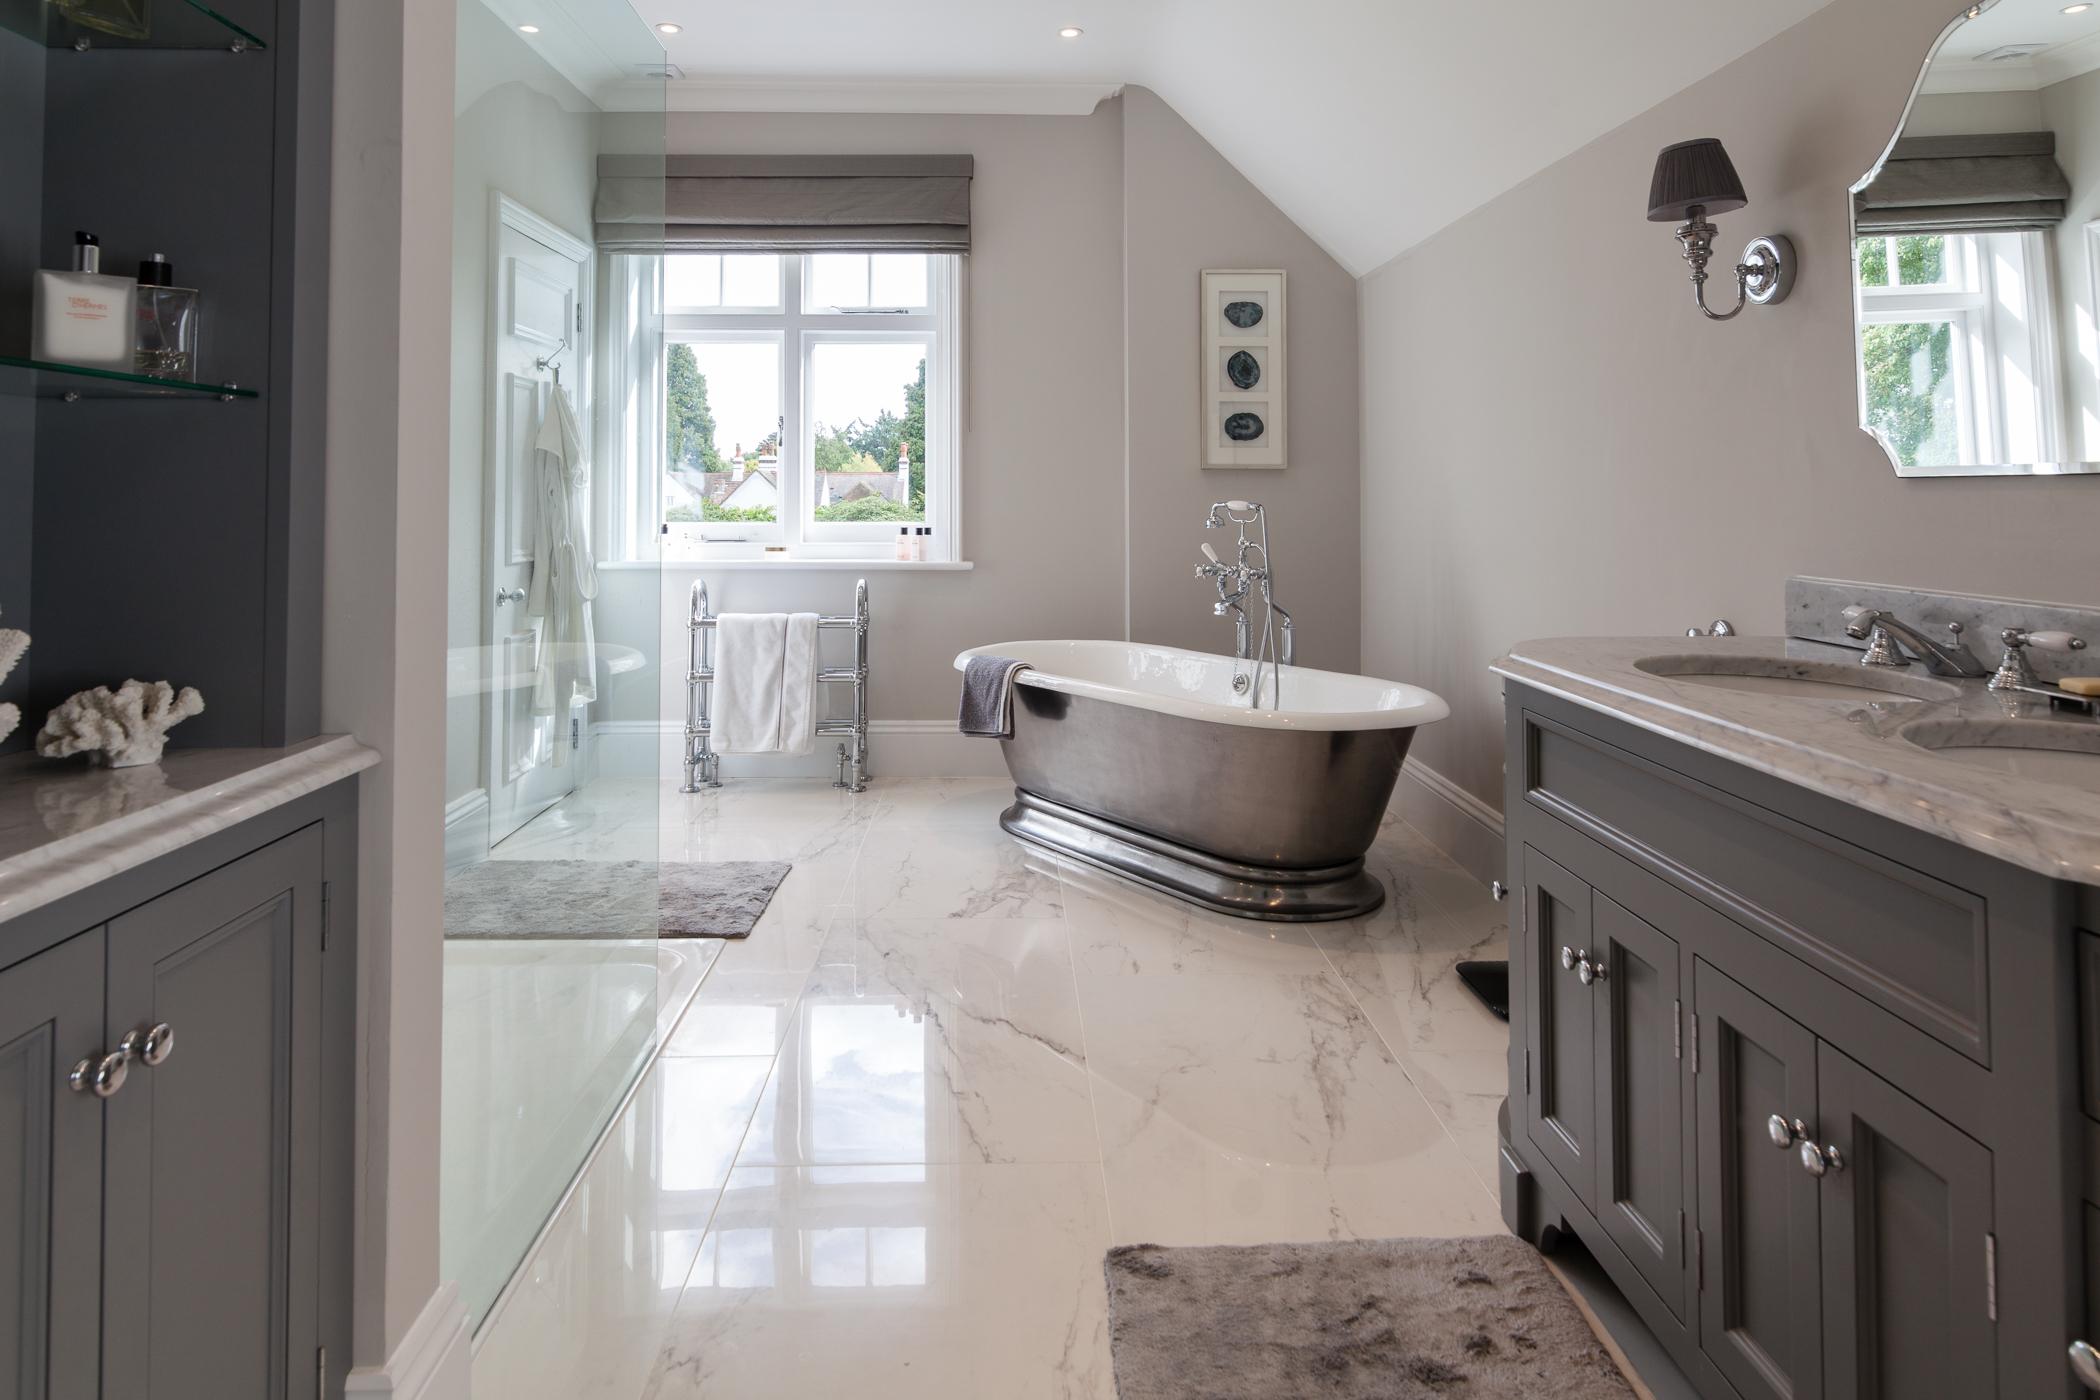 bathroom design, underfloor heating, plumbing etc